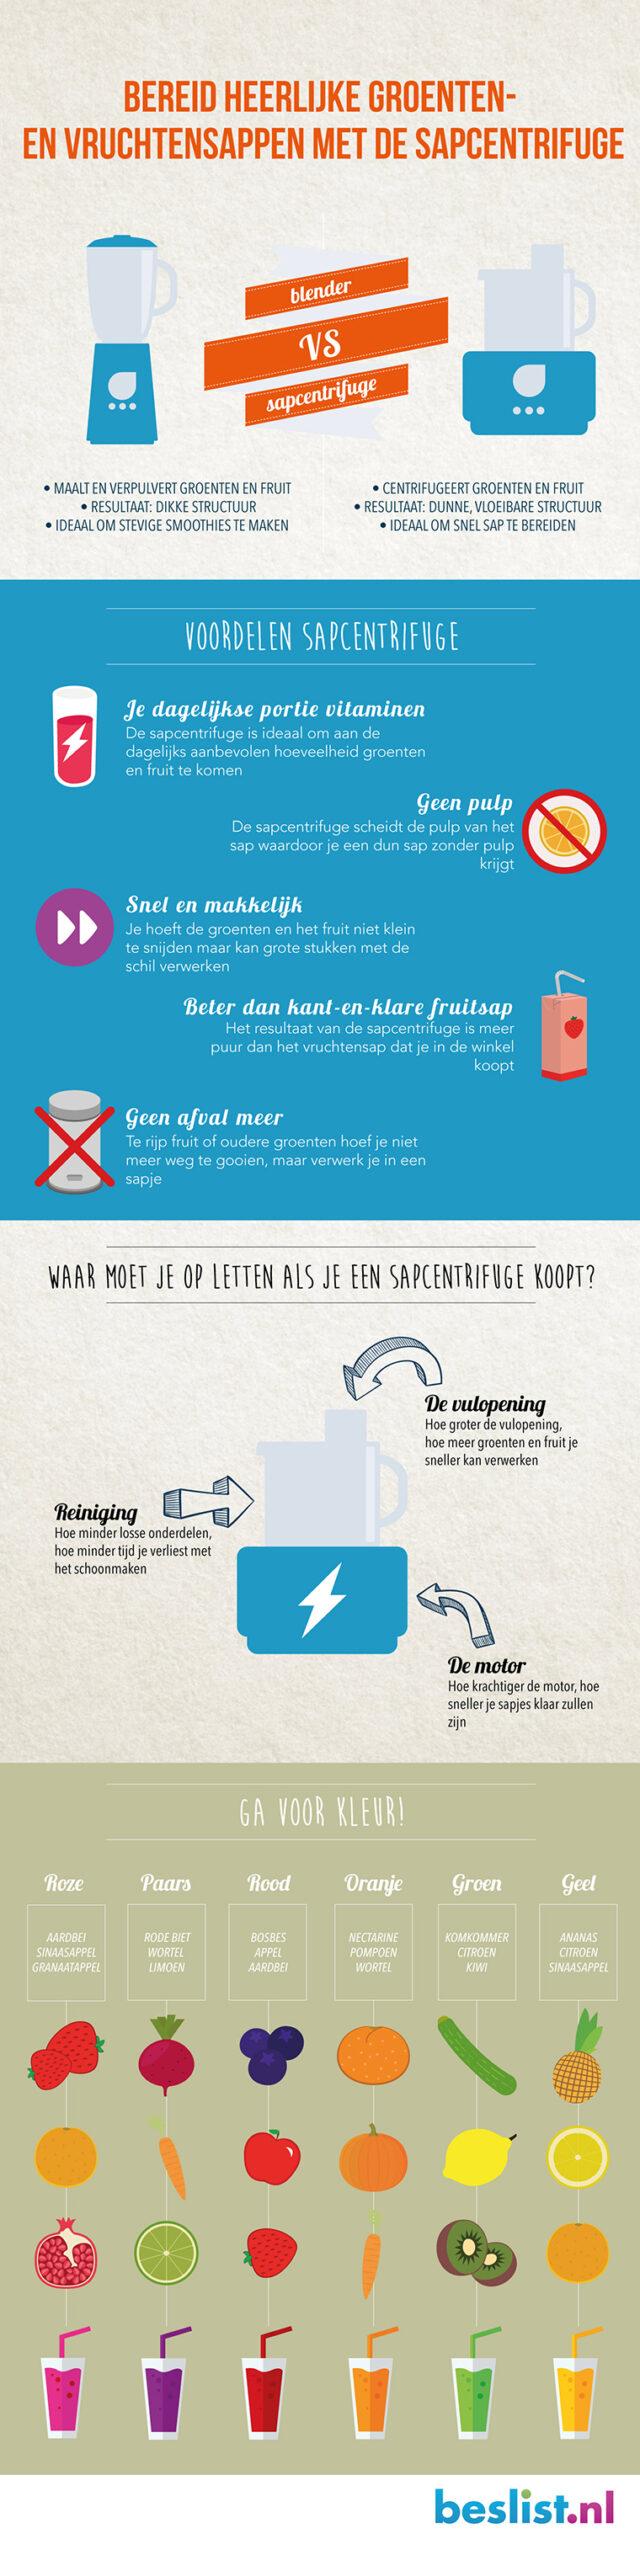 Infographic Sapcentrifuge vs Blender